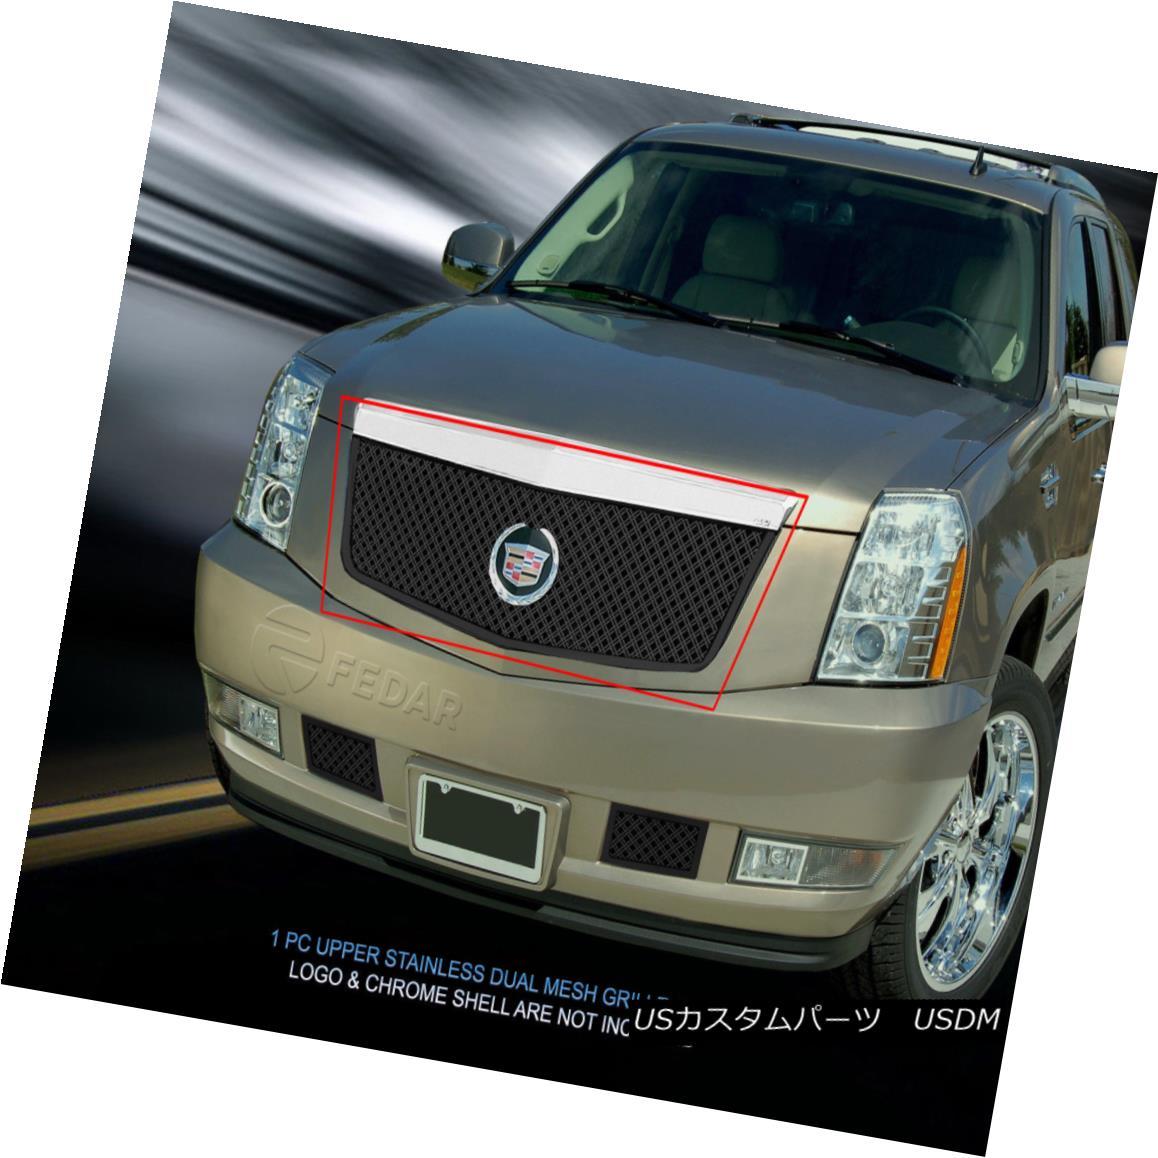 グリル Fedar Fits 2007-2014 Cadillac Escalade Full Black Dual Weave Mesh Grille Insert Fedar Fitting 2007-2014 Cadillac Escaladeフルブラックデュアルウィーブメッシュグリルインサート